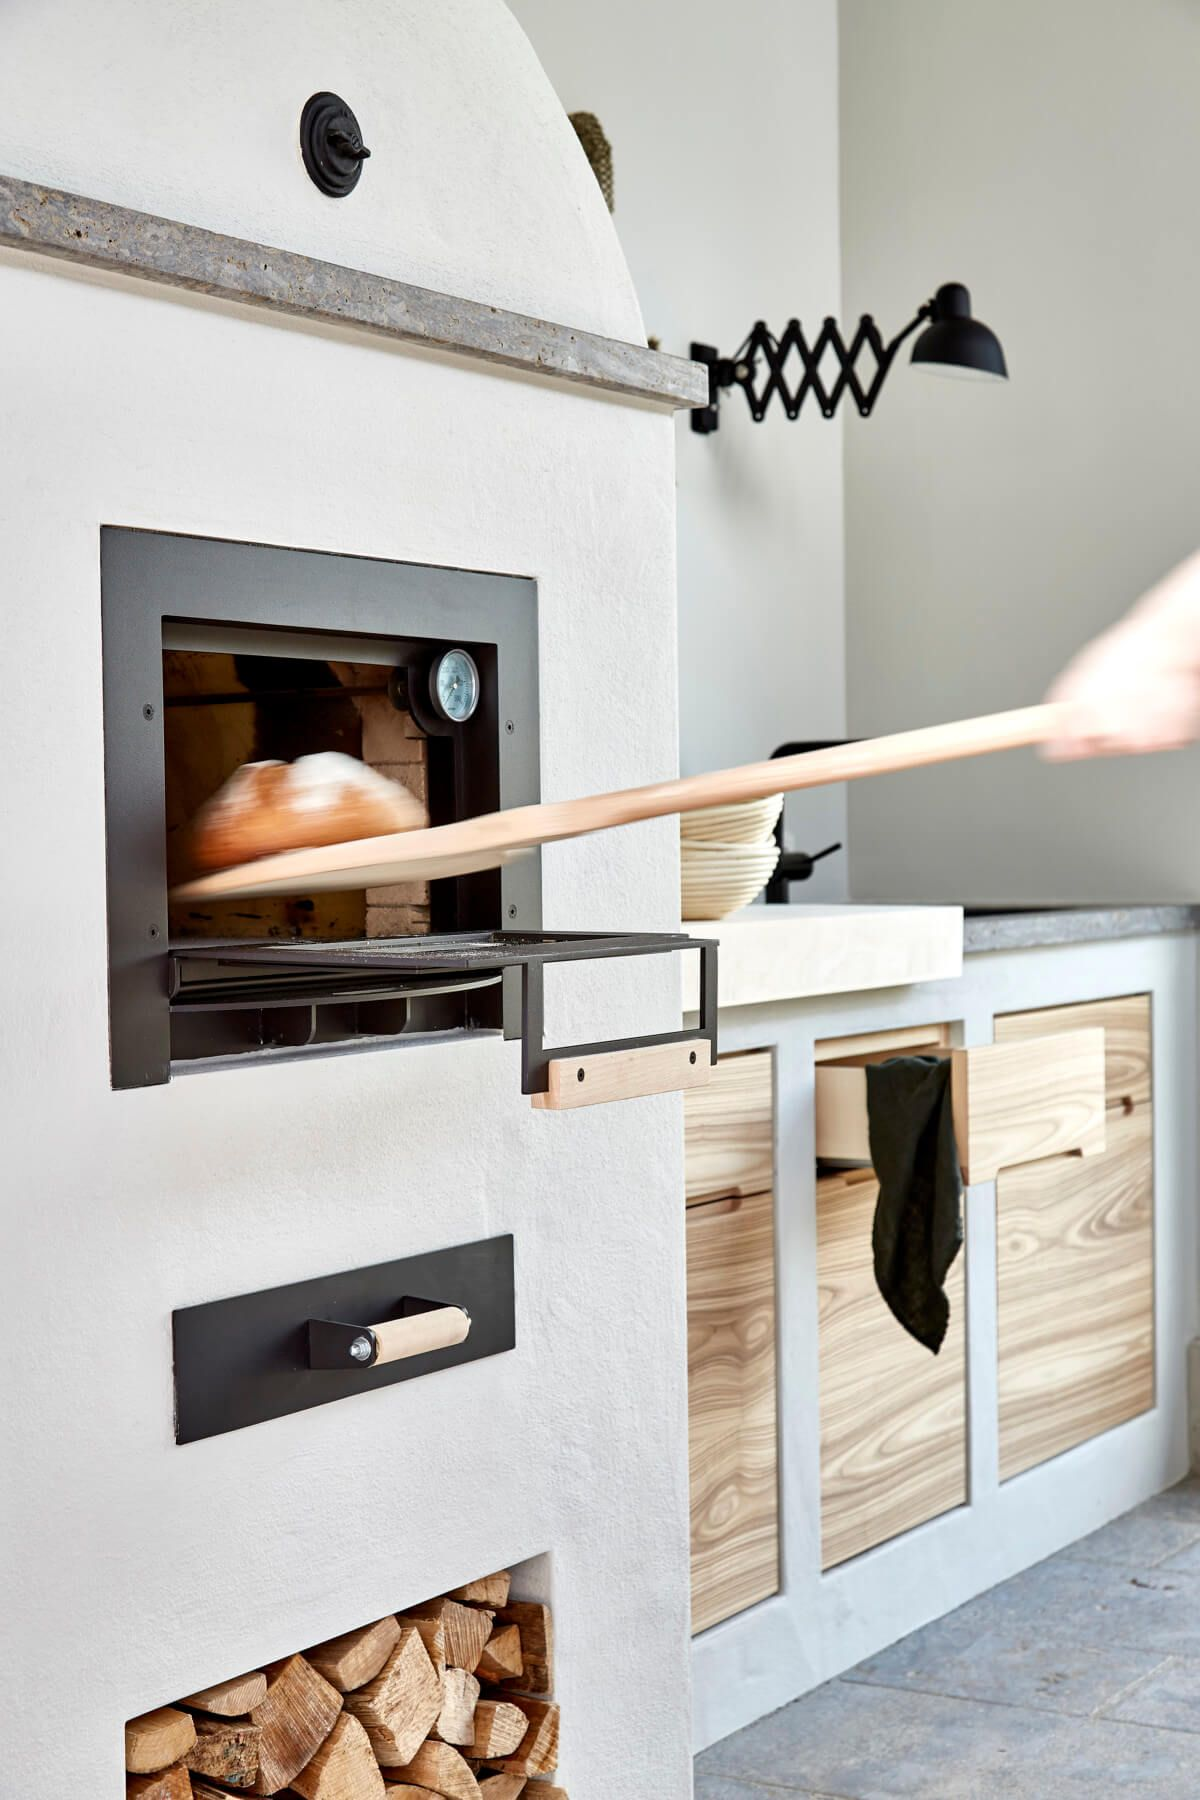 Landhaus Küche mit Ofen - Einrichtungsideen im Landhausstil ...